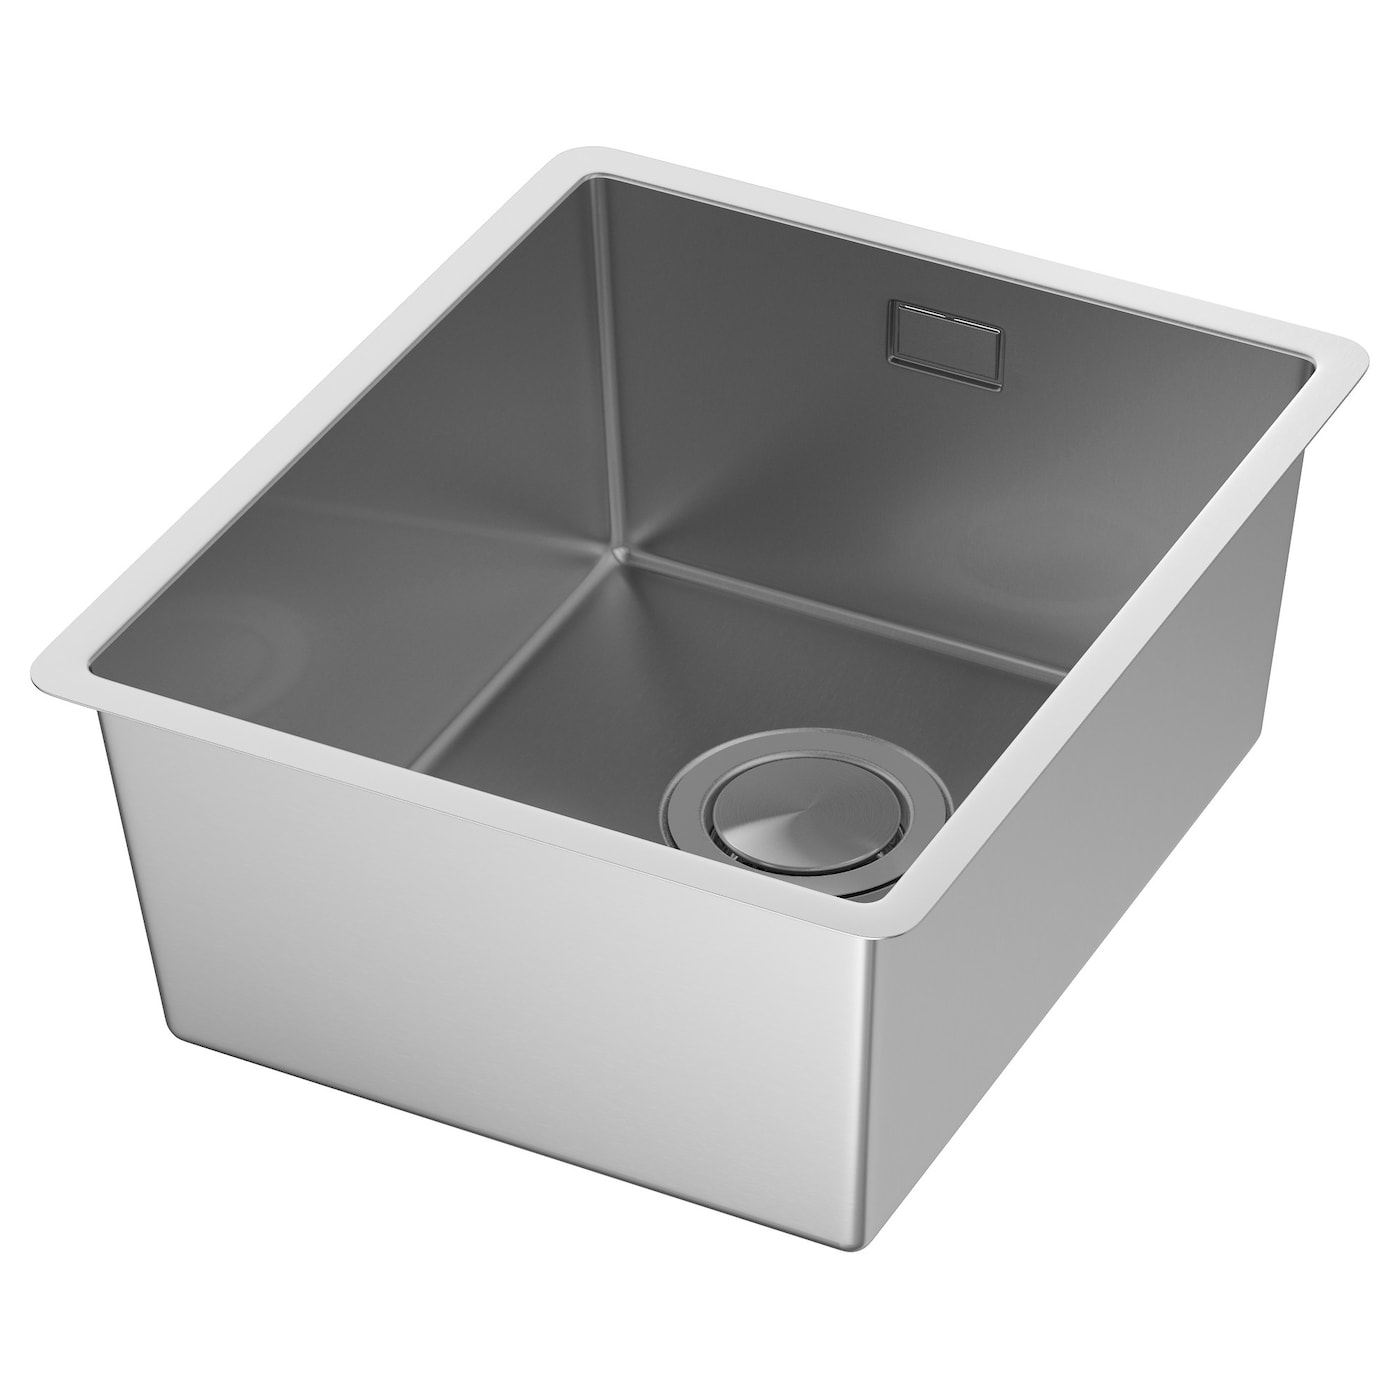 Ikea Kitchen Sinks Ireland